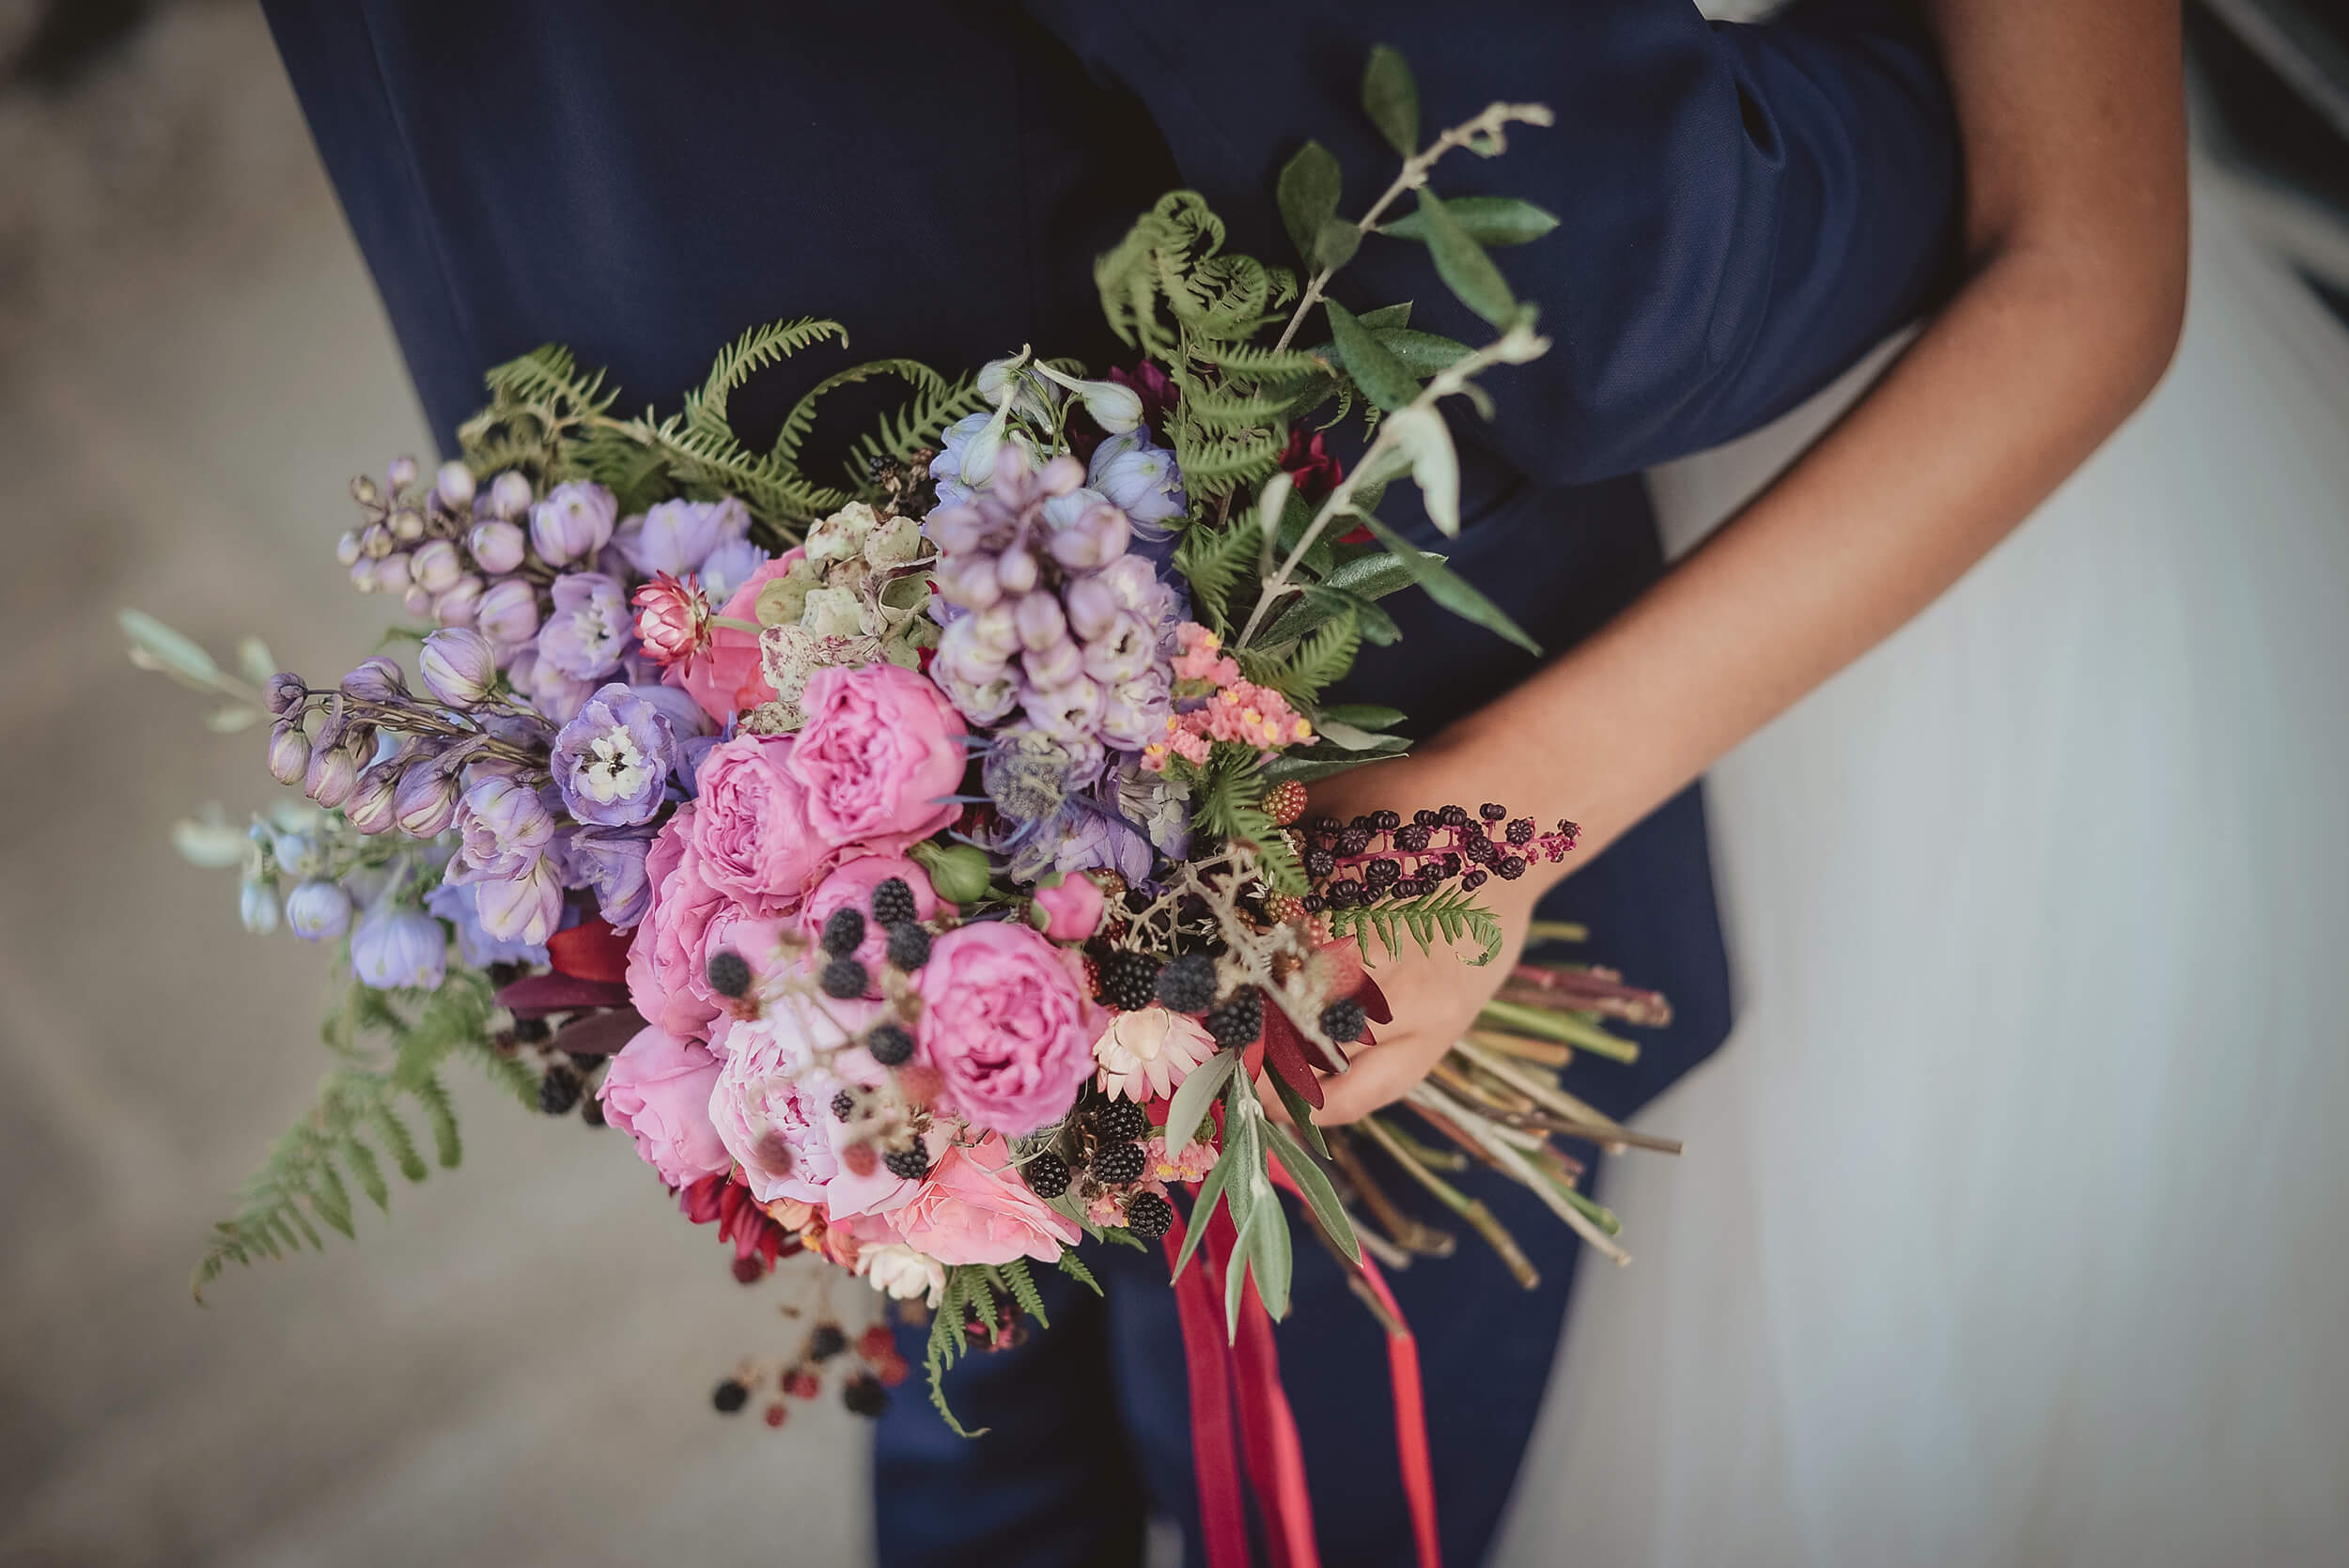 roma-organizacao-eventos-editorial-casamento-colorful-wedding-19